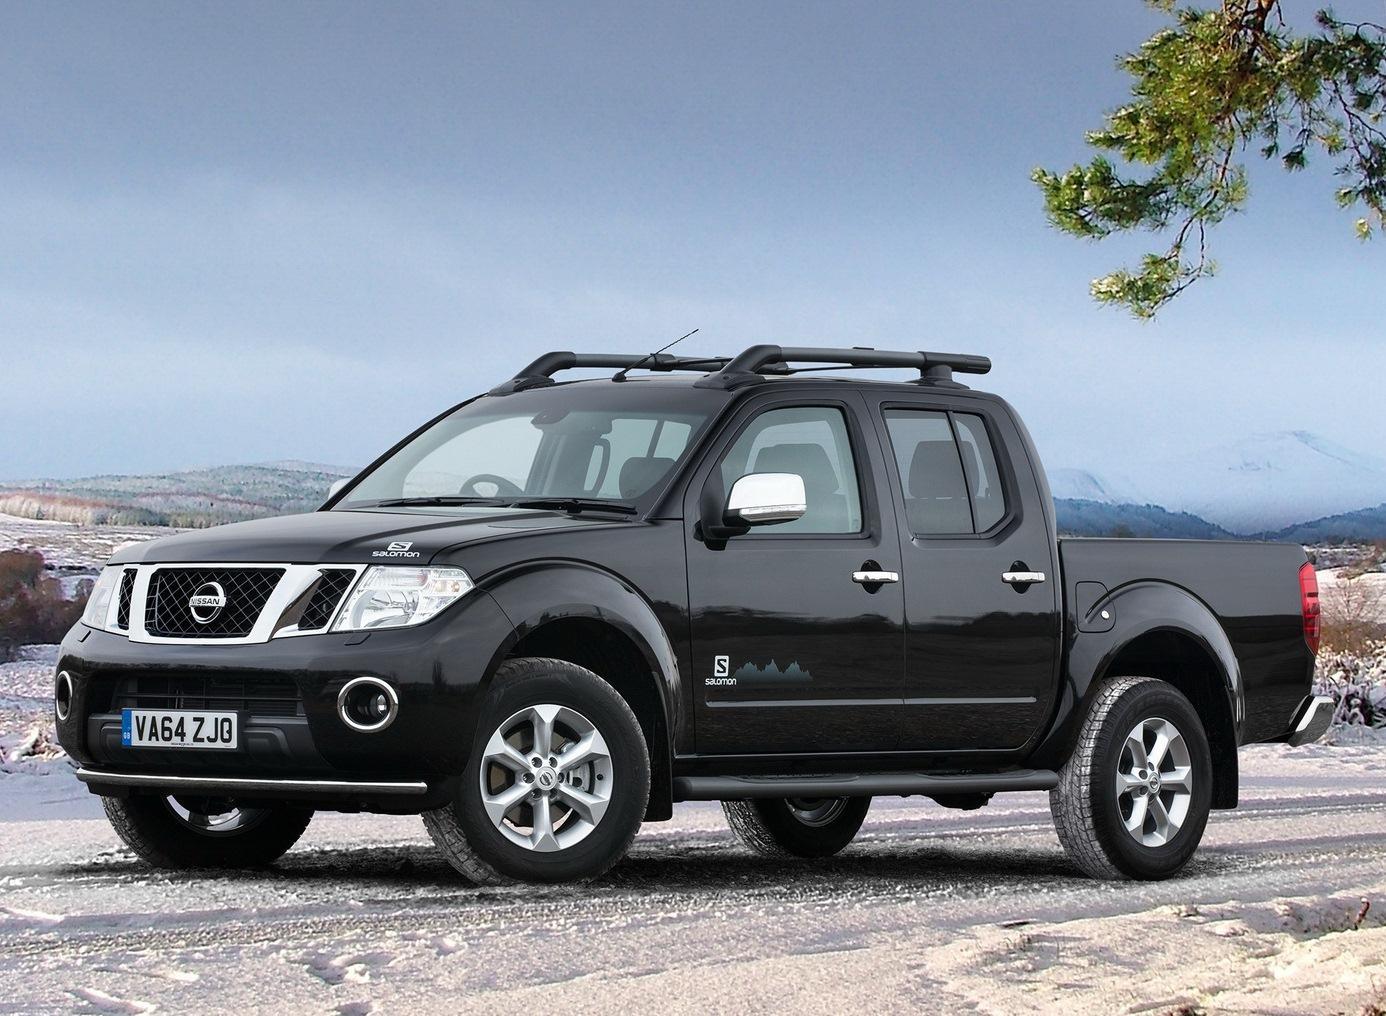 Nissan построит новый внедорожник 1